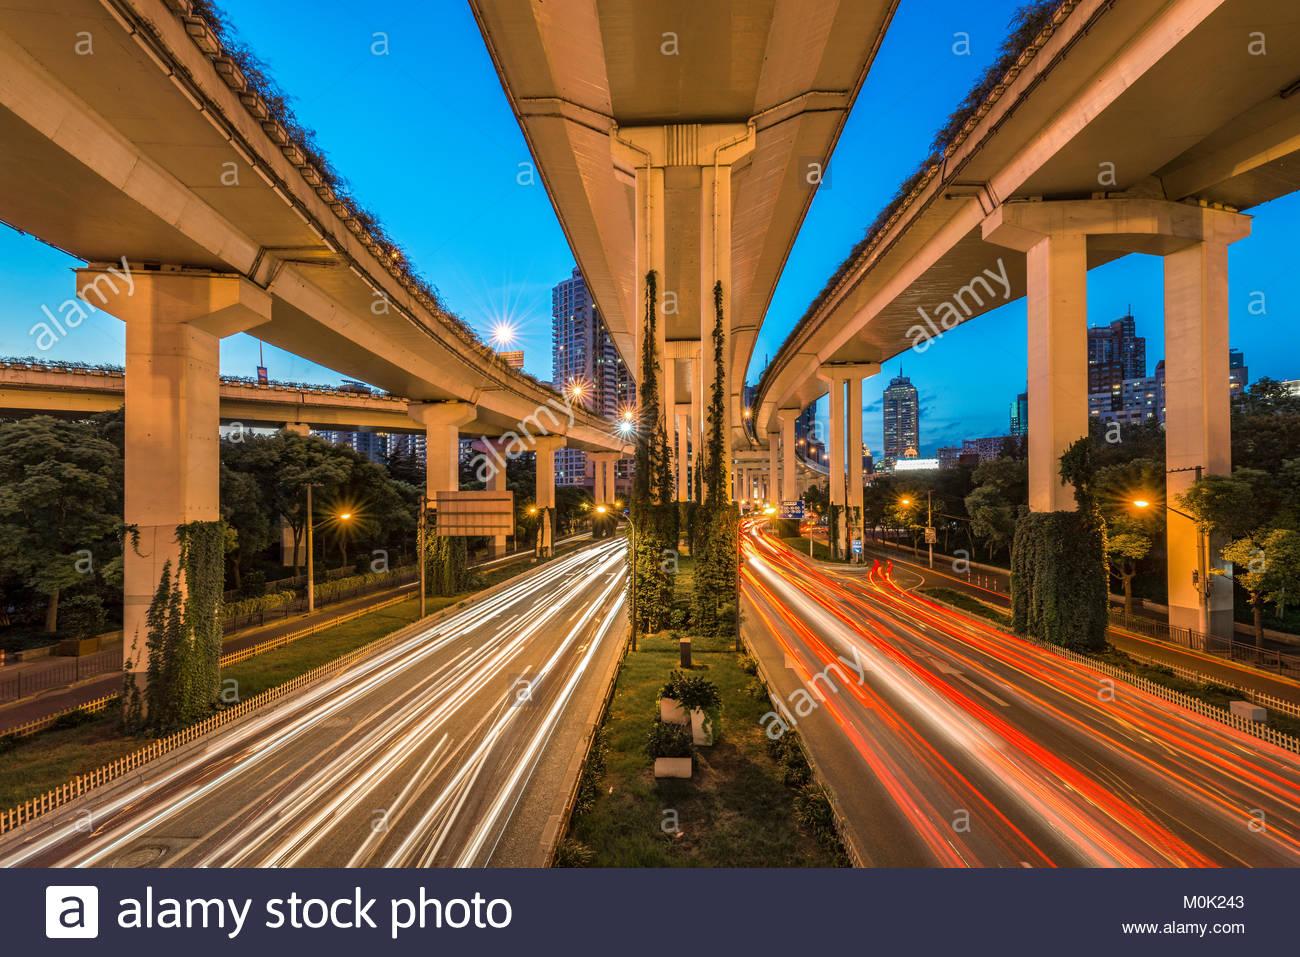 Asia, People's Republic of China, Shanghai. spacious crossroads Yan'an Zhonglu and Nanbei Gaojia Lu, city - Stock Image